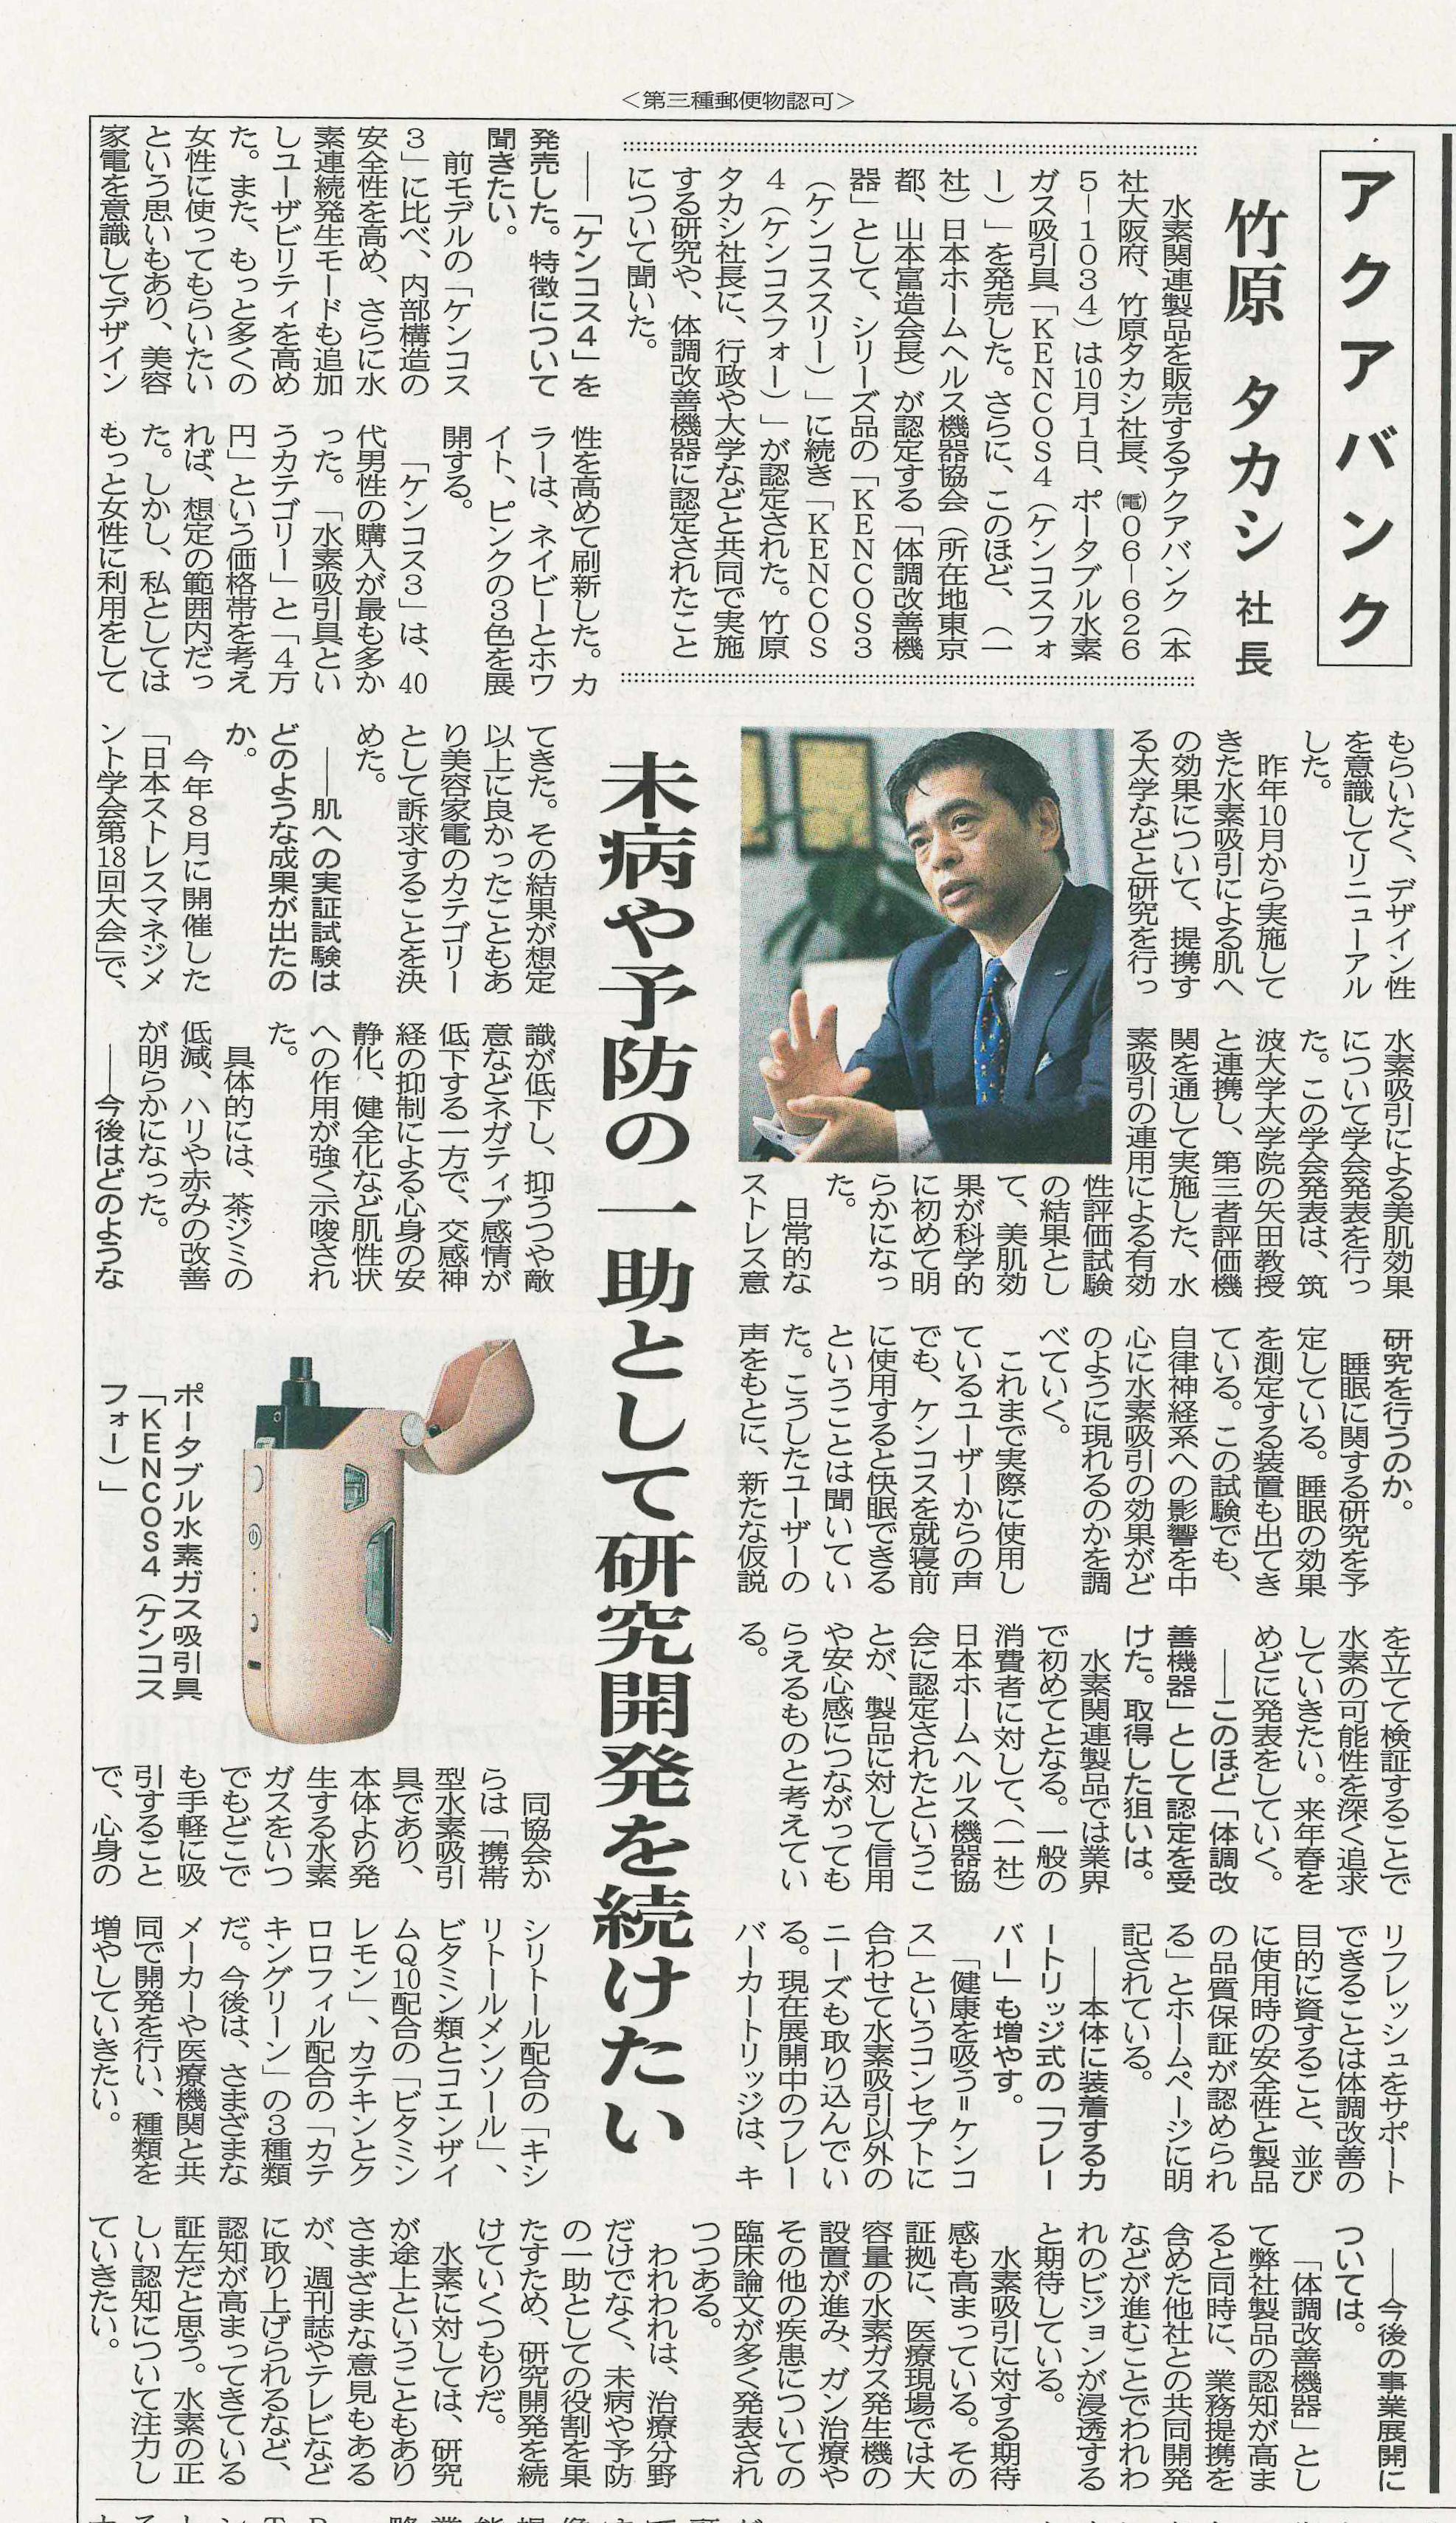 2019年10月24日発行「日本流通産業新聞」より抜粋